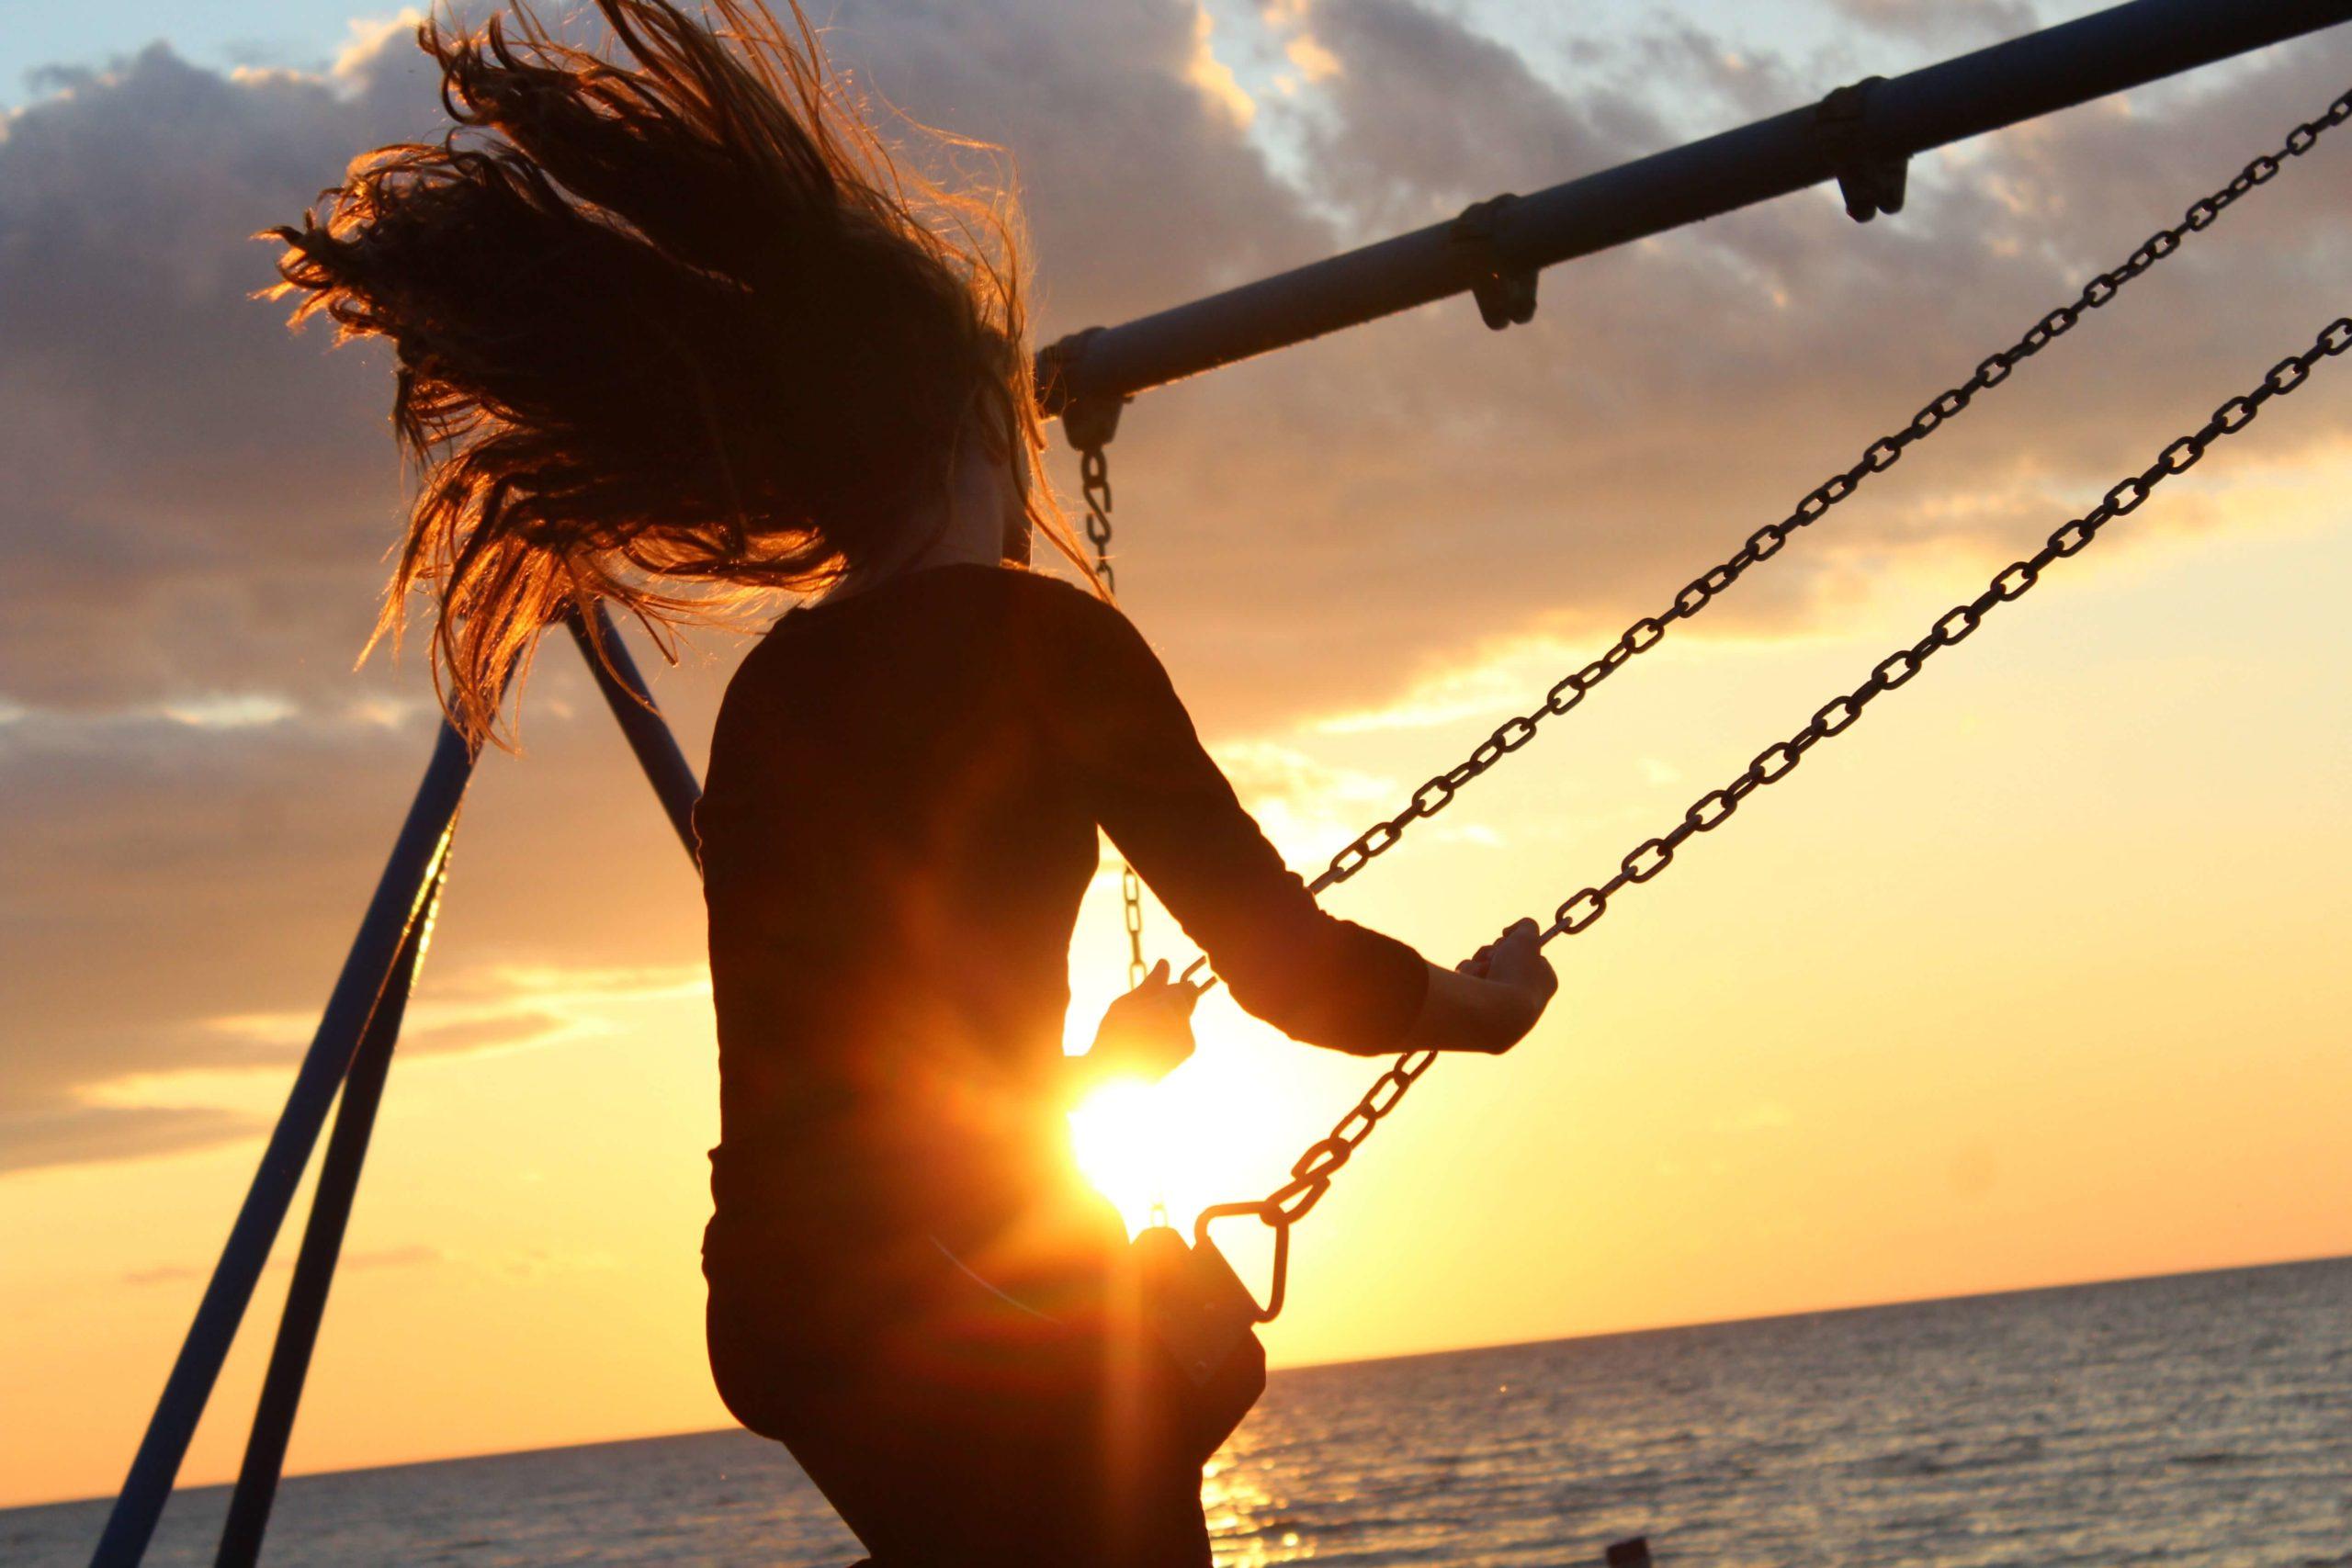 【 無敵の生き方 】他人に期待しない生き方が超楽です